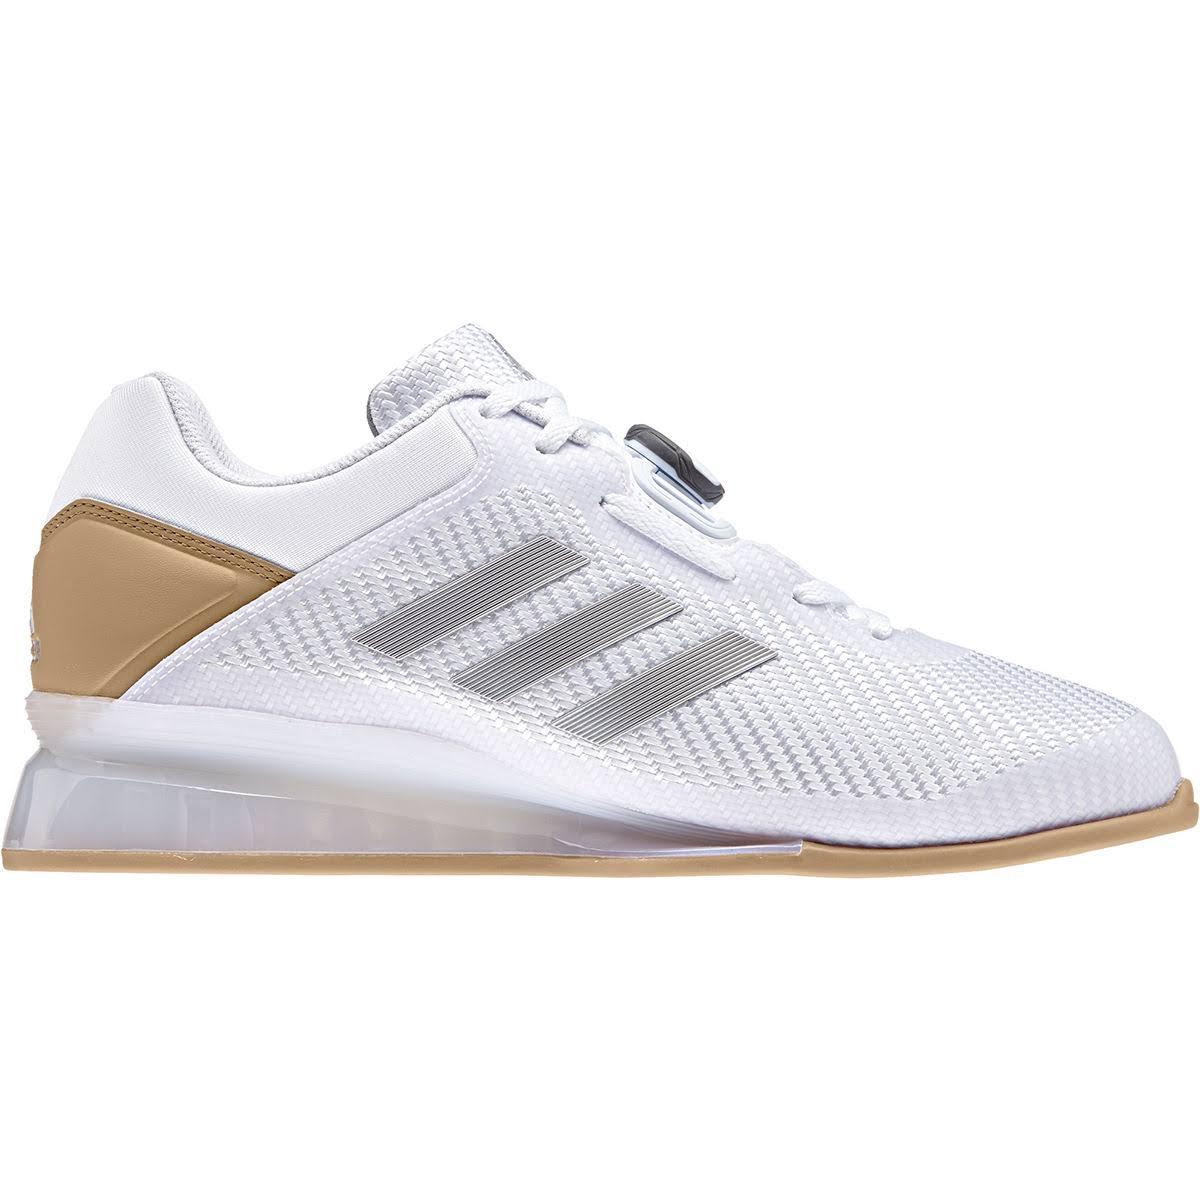 Gewichtheben Adidas 16 Herren Weiß Leistung Ll Schuhe Zq8PIq